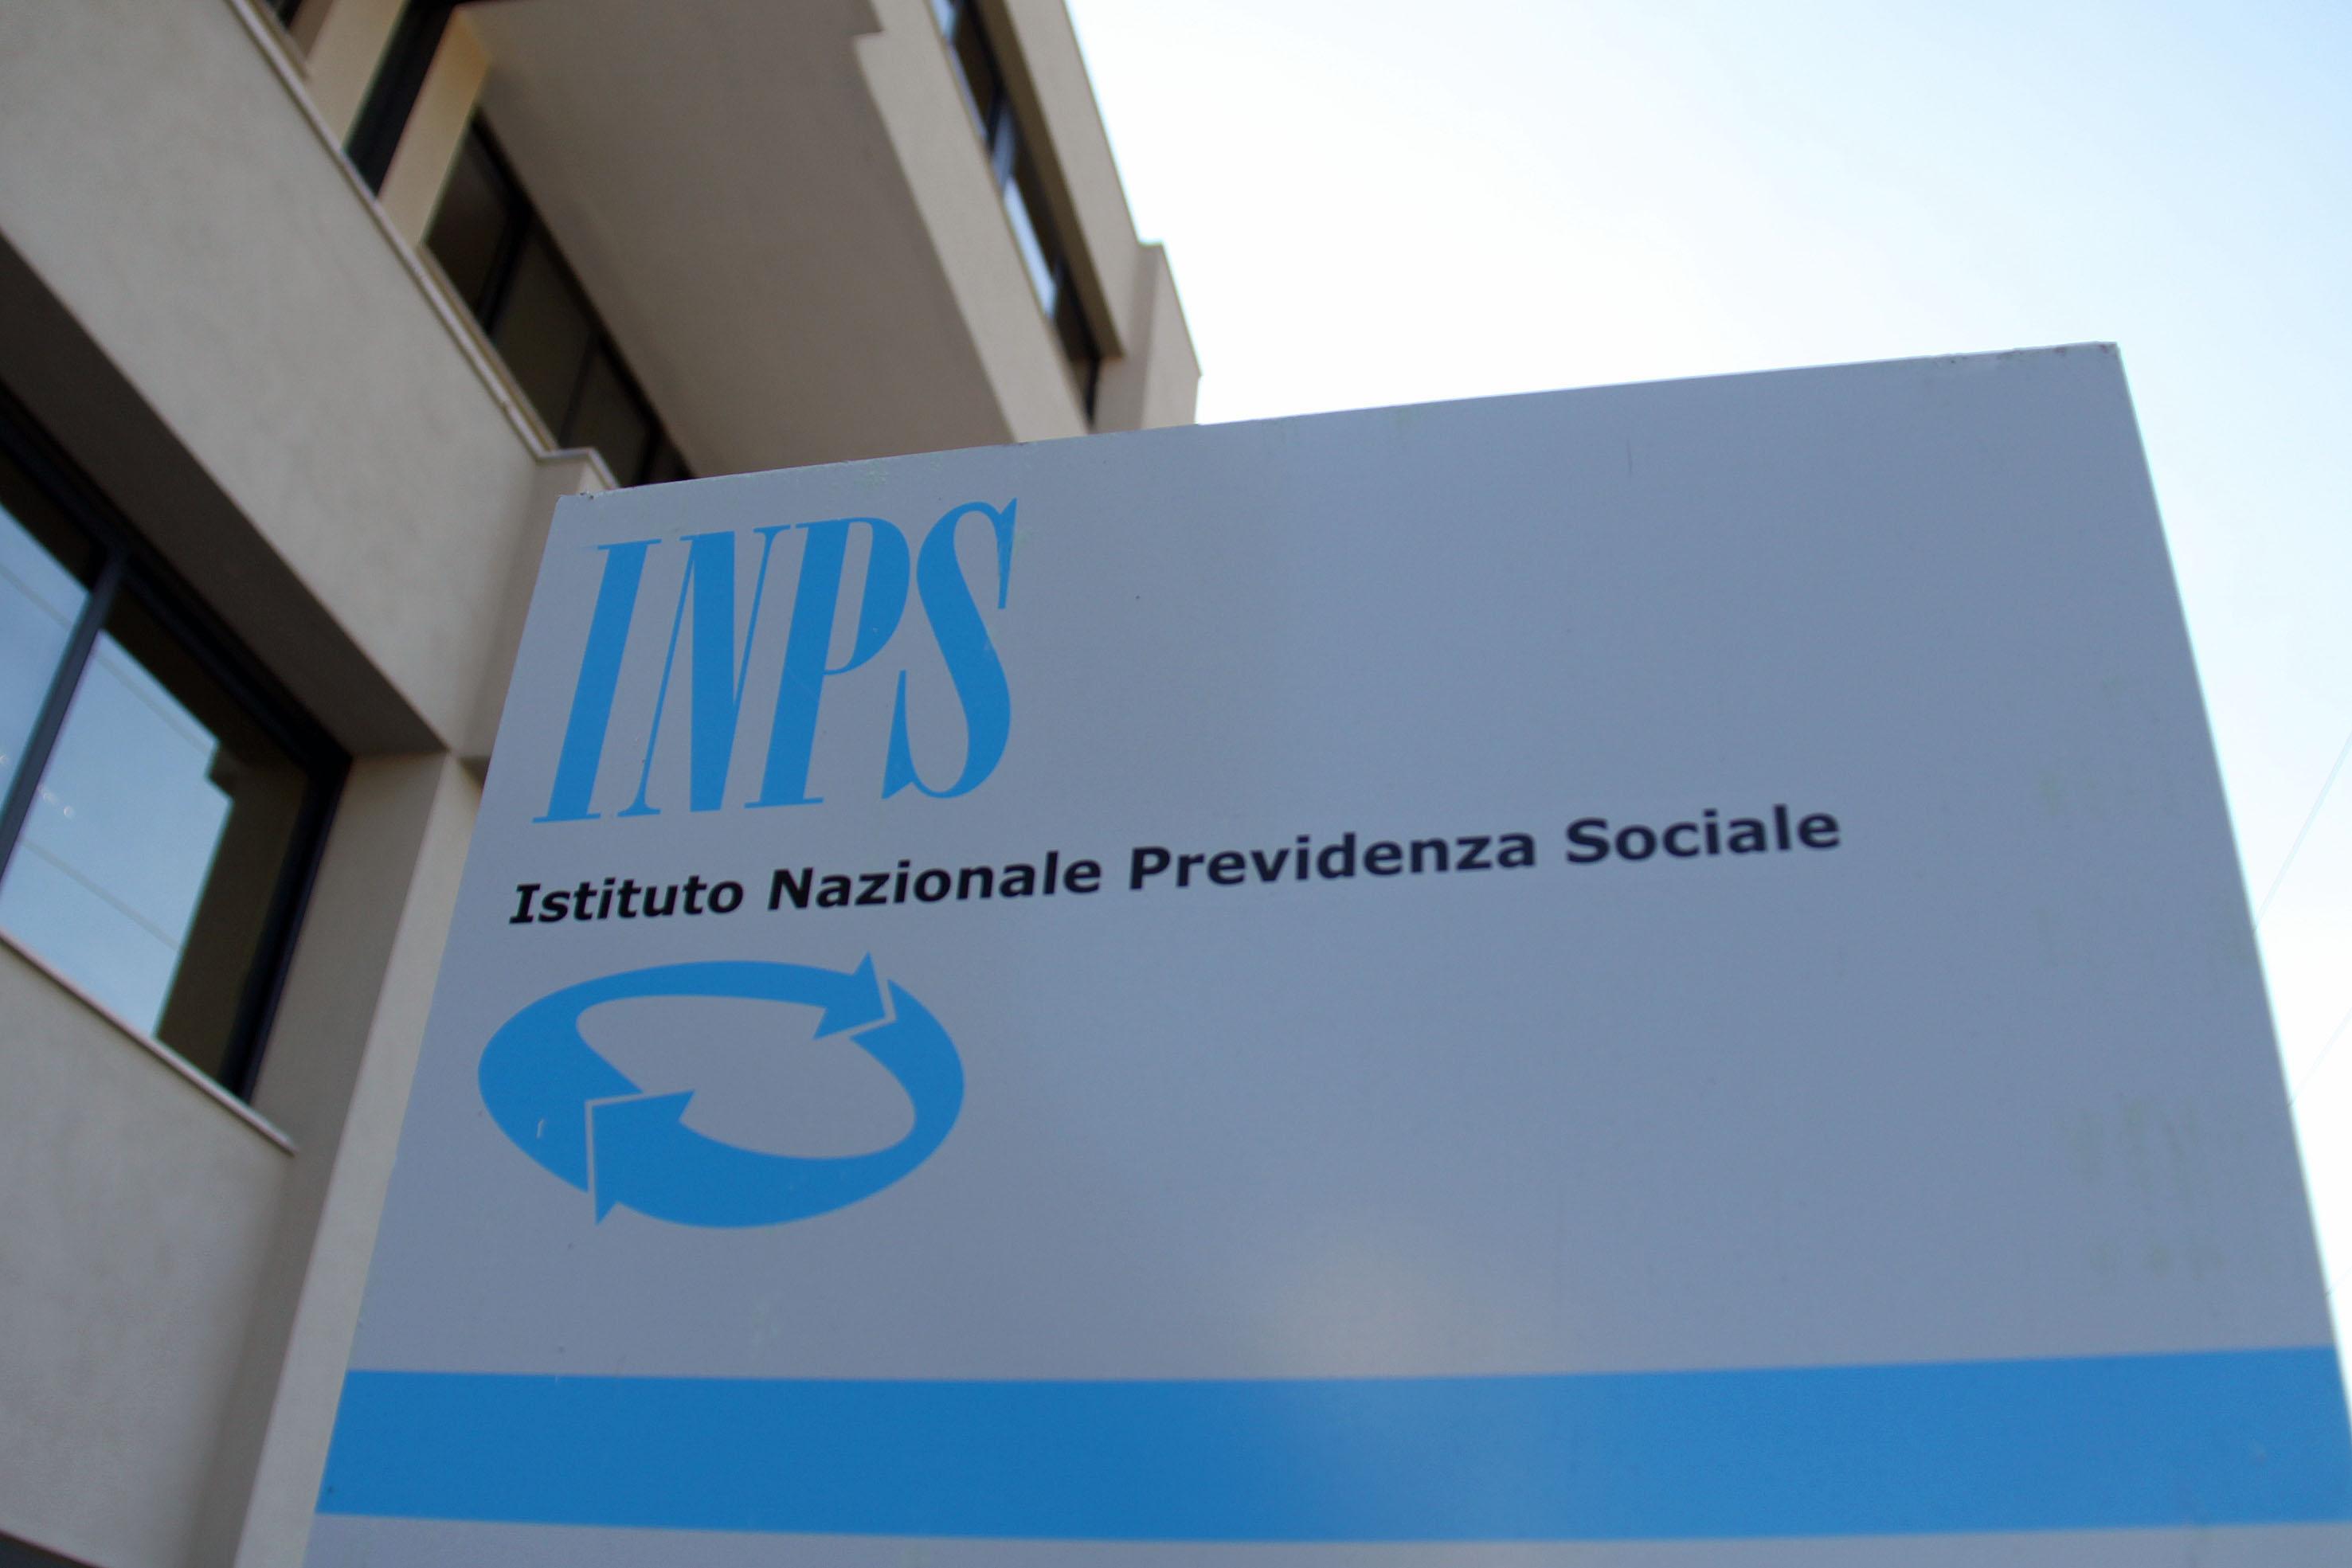 Pensioni: Legge Fornero bocciata dalla Consulta, richieste rimborso entro 2016. Novità dal Codacons